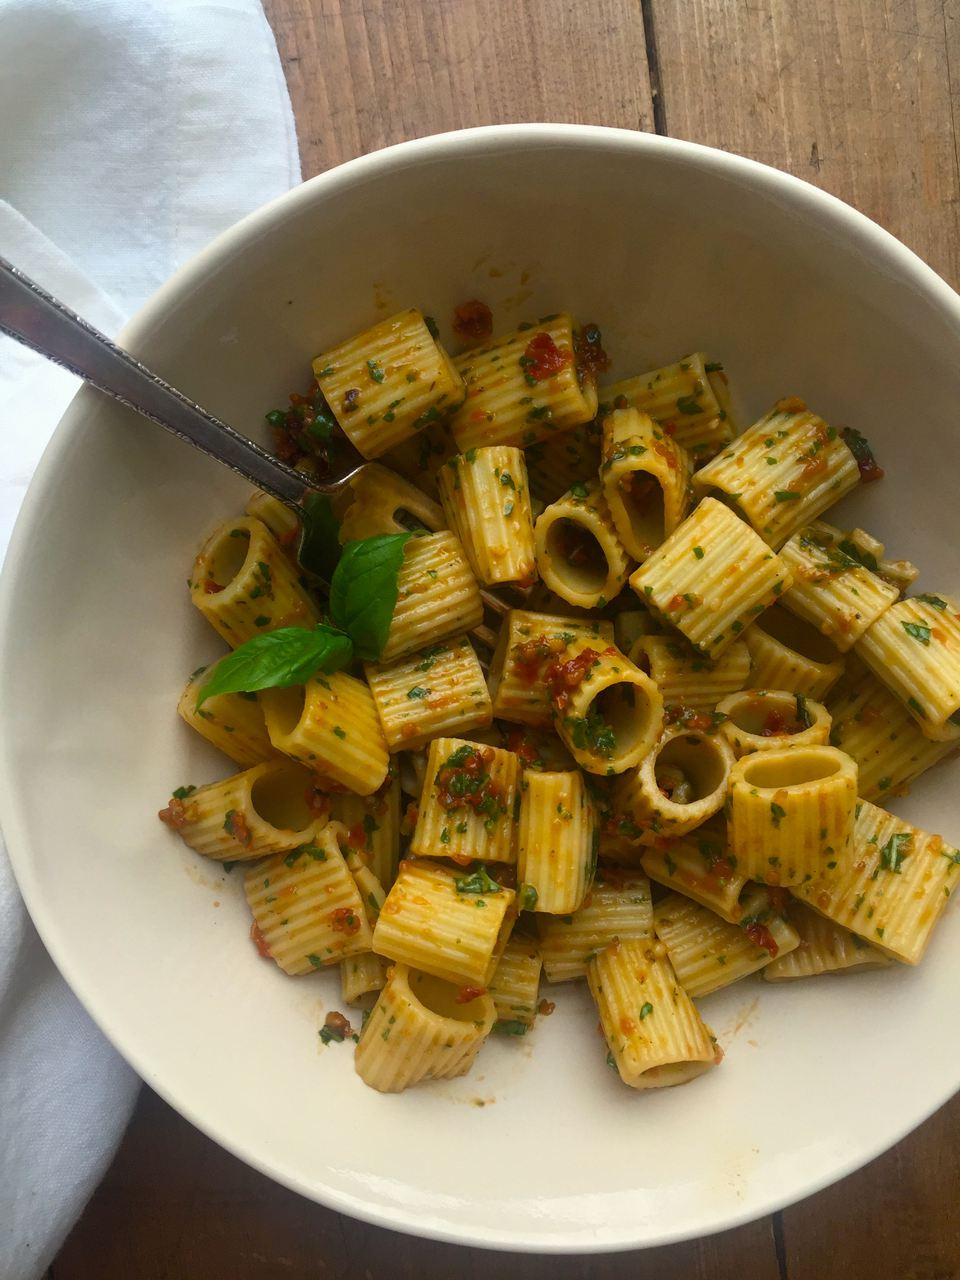 Pasta with Sundried Tomato Pesto